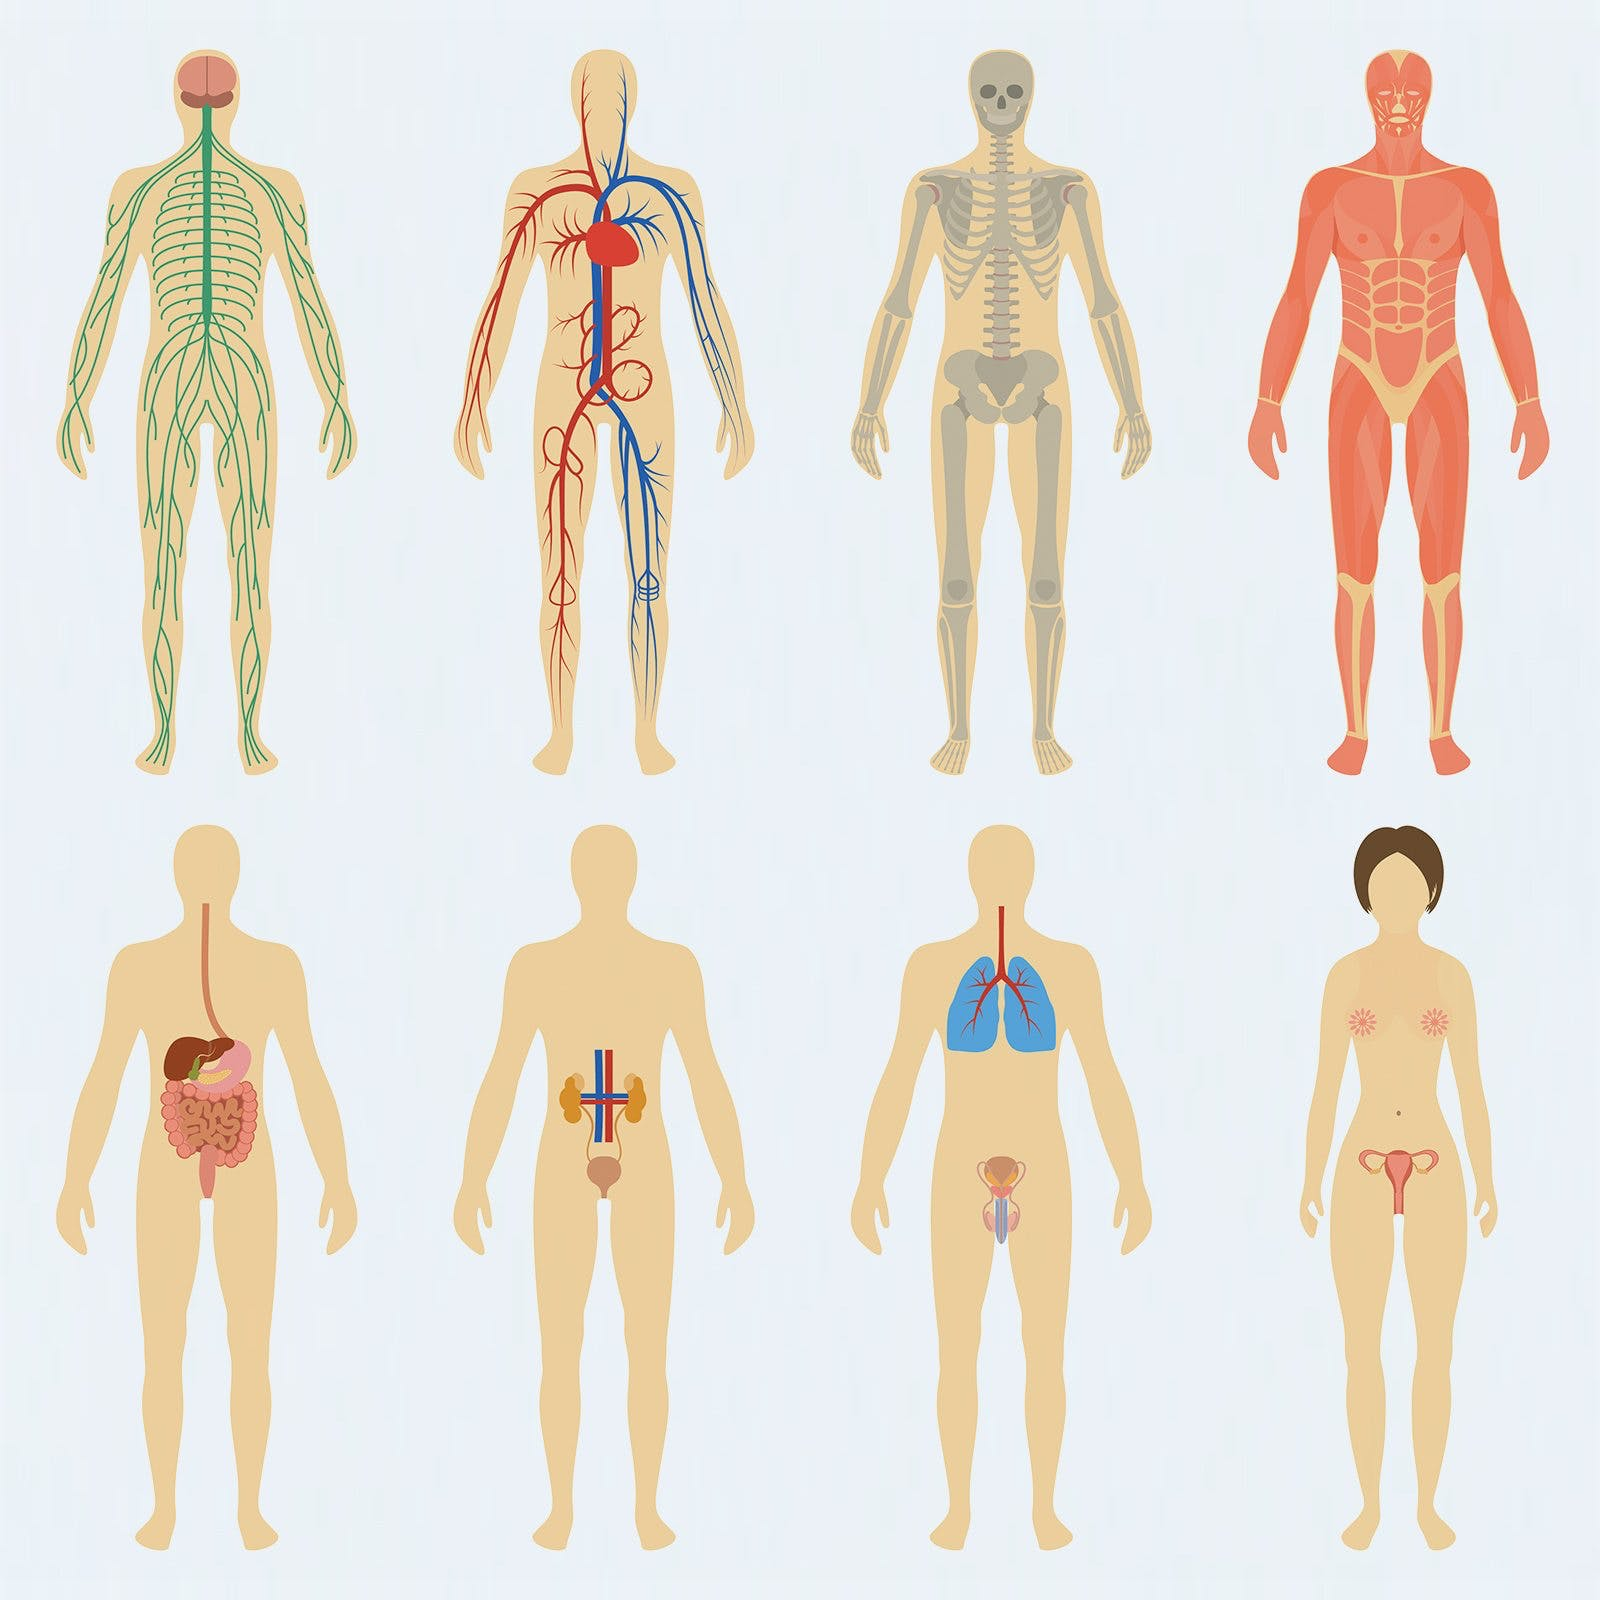 Komplikationer vid diabetes – en sjukdom som påverkar alla organ